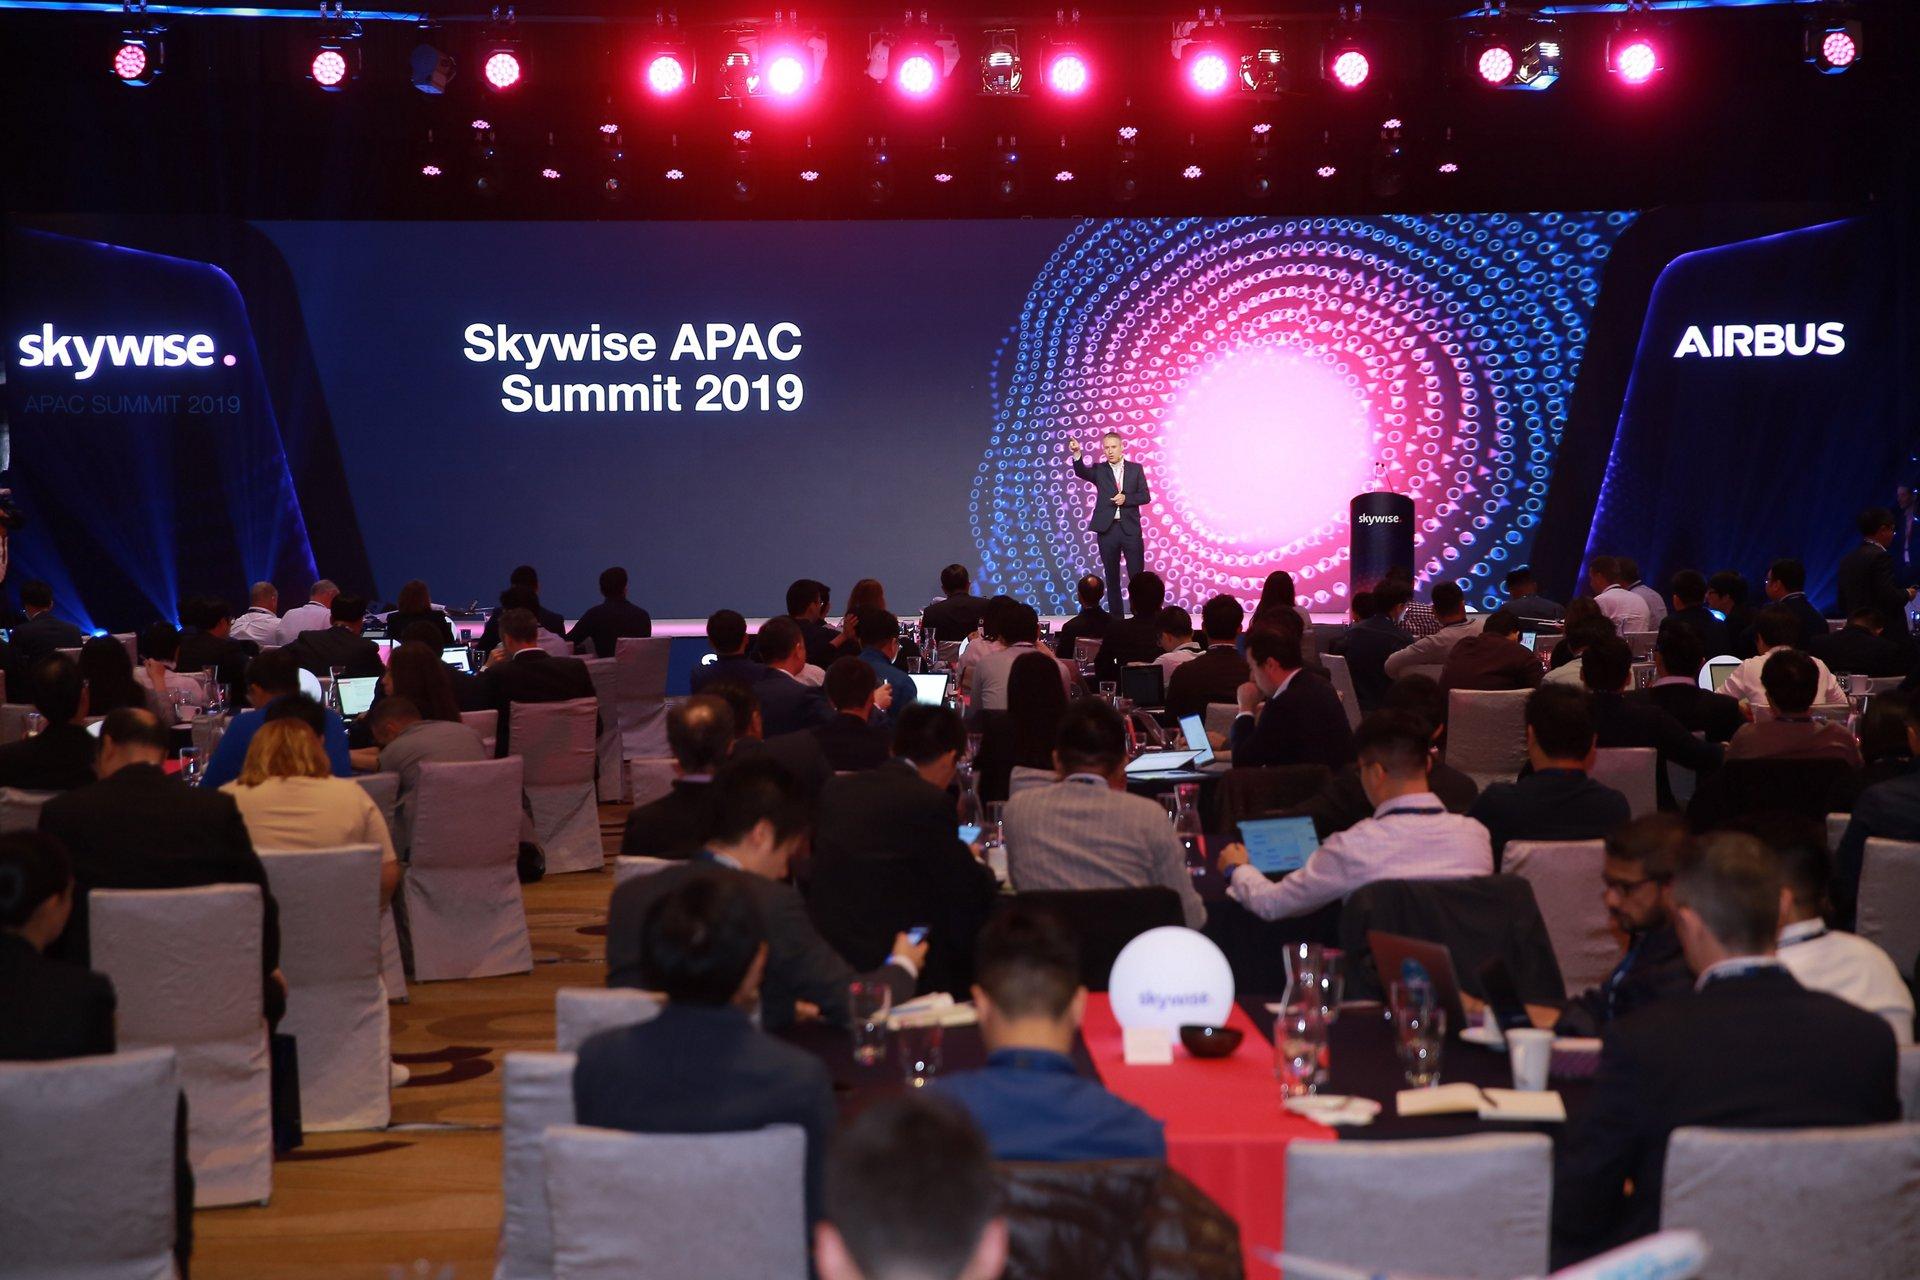 Skywise APAC Summit Hanoi - December 11-12 , 2019